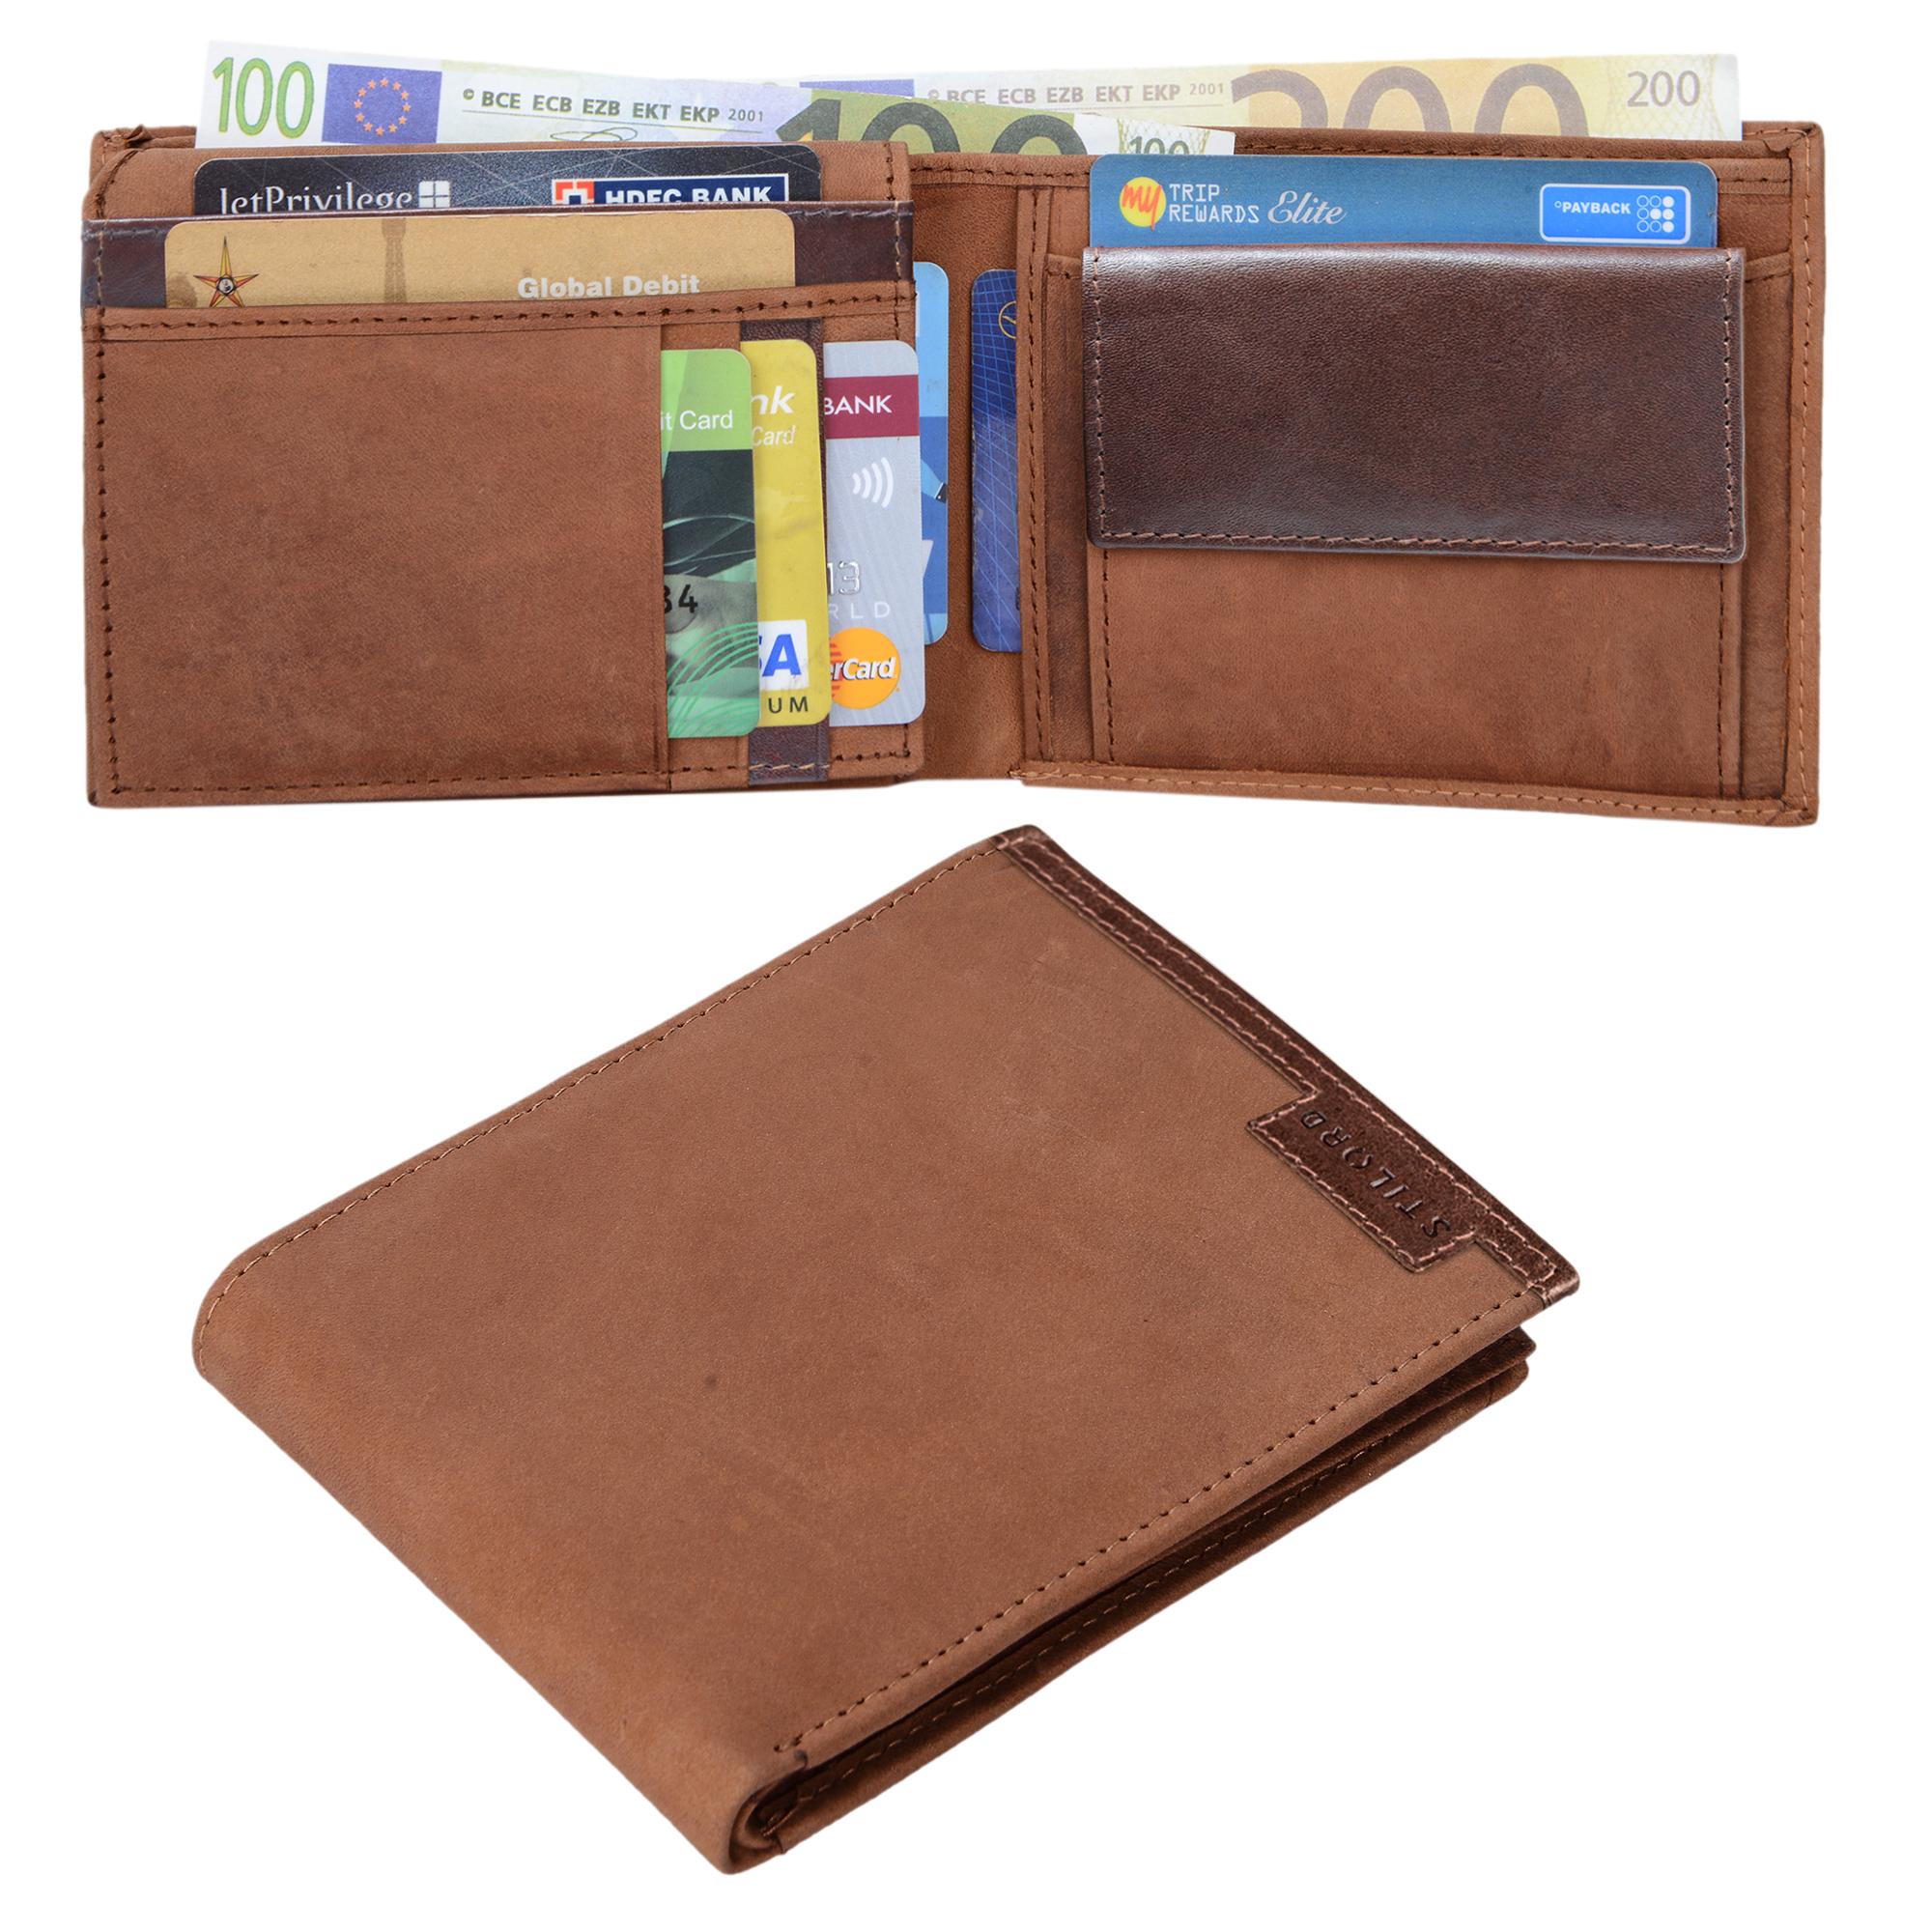 STILORD Vintage Herren Geldbörse / Portemonnaie aus hochwertigem Echt Leder, braun - Bild 8